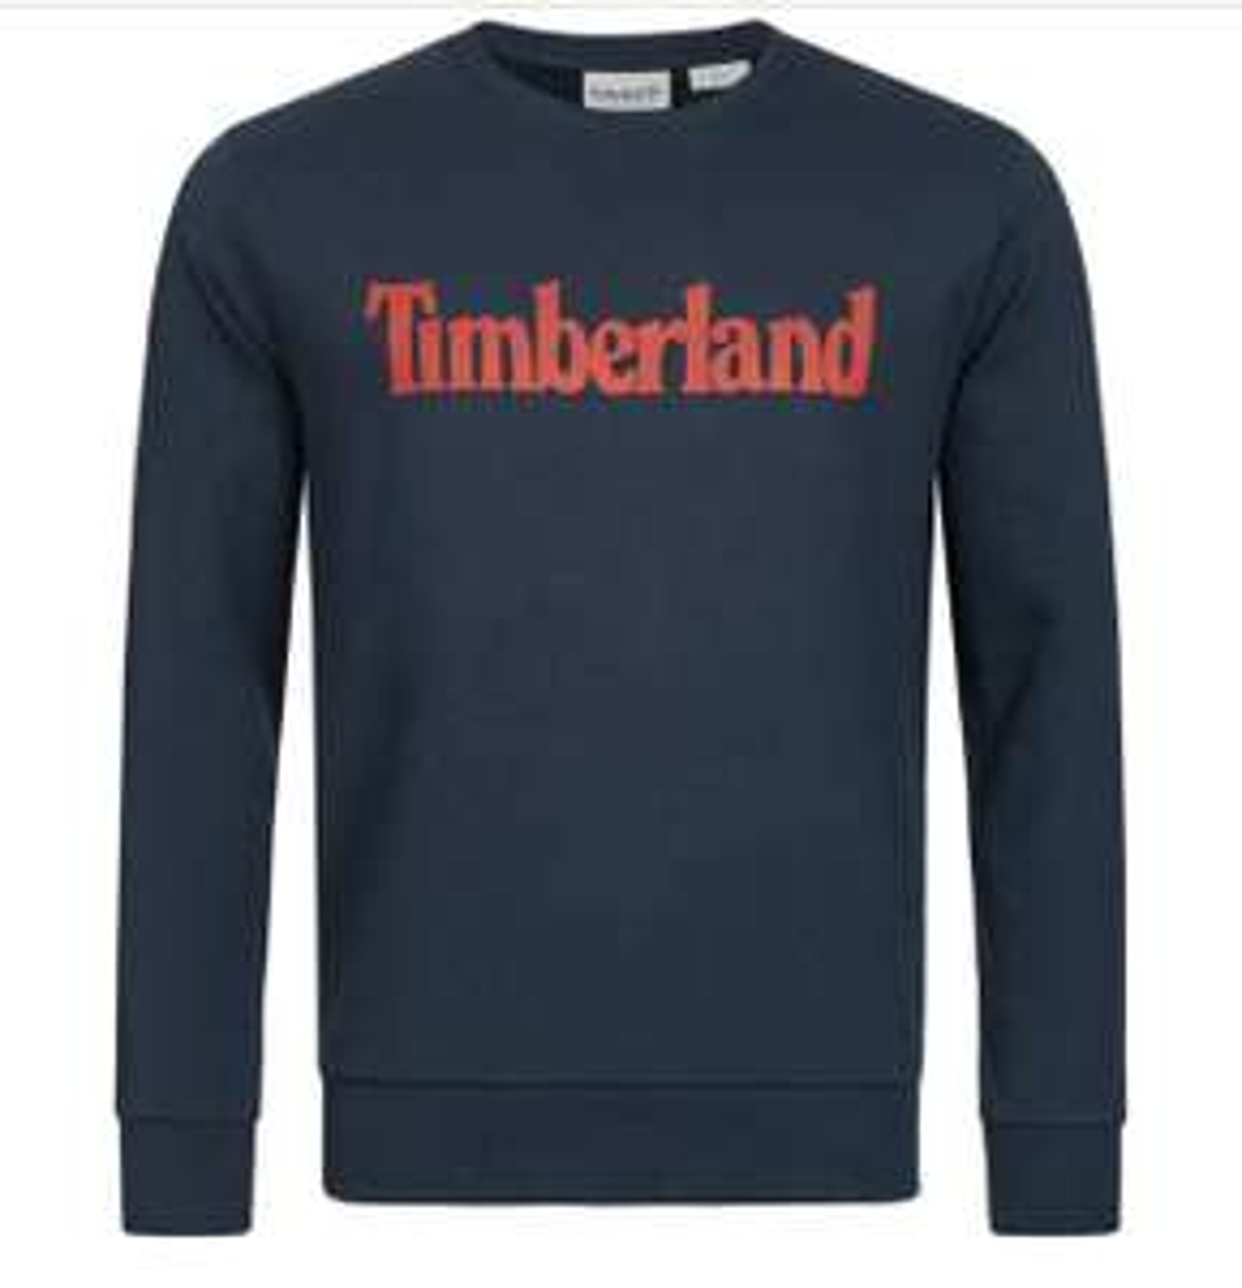 Timberland Herren Crew Sweatshirt in 3 Verschiedenen Farben und vielen Größen.